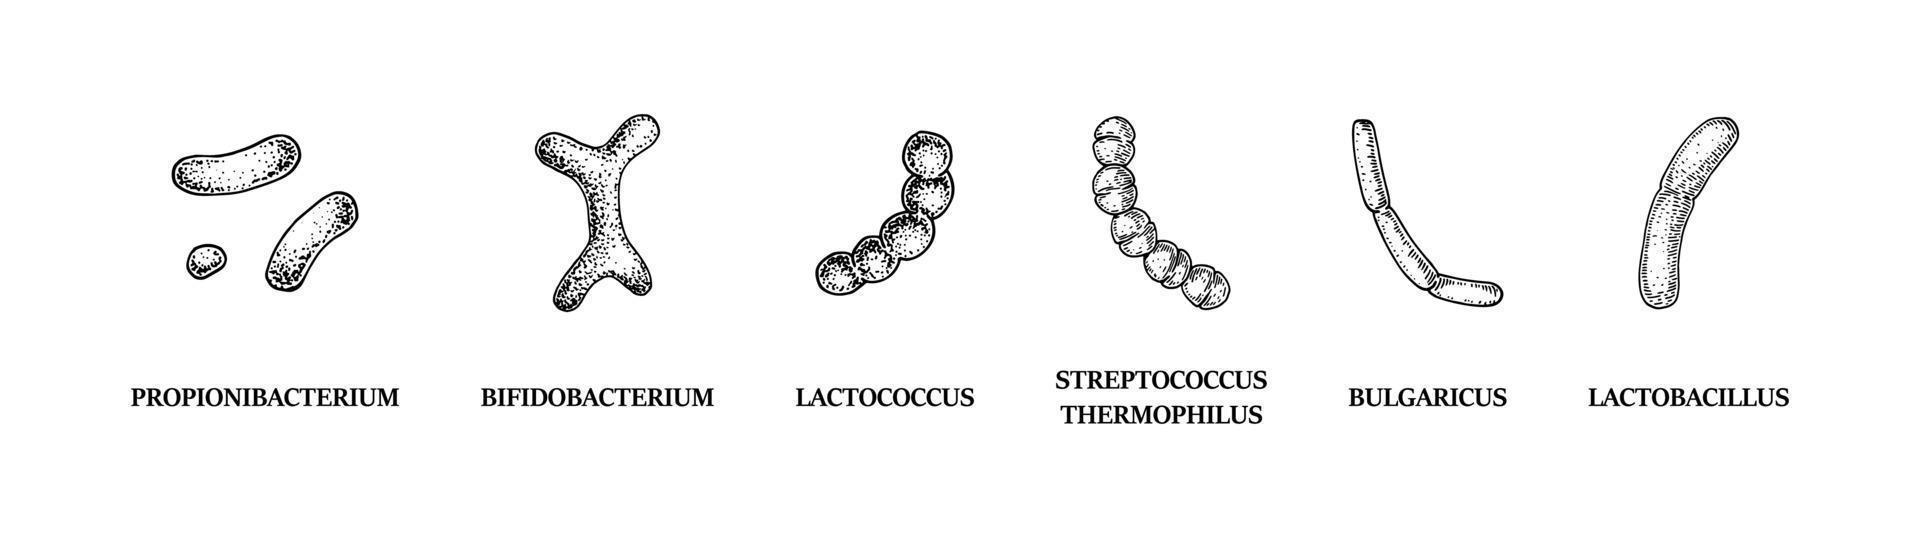 set van hand getrokken probiotica bacteriën lactococcus, lactobacillus, bulgaricus, bifidobacterium, propionibacterium, streptococcus. vectorillustratie in schetsstijl vector